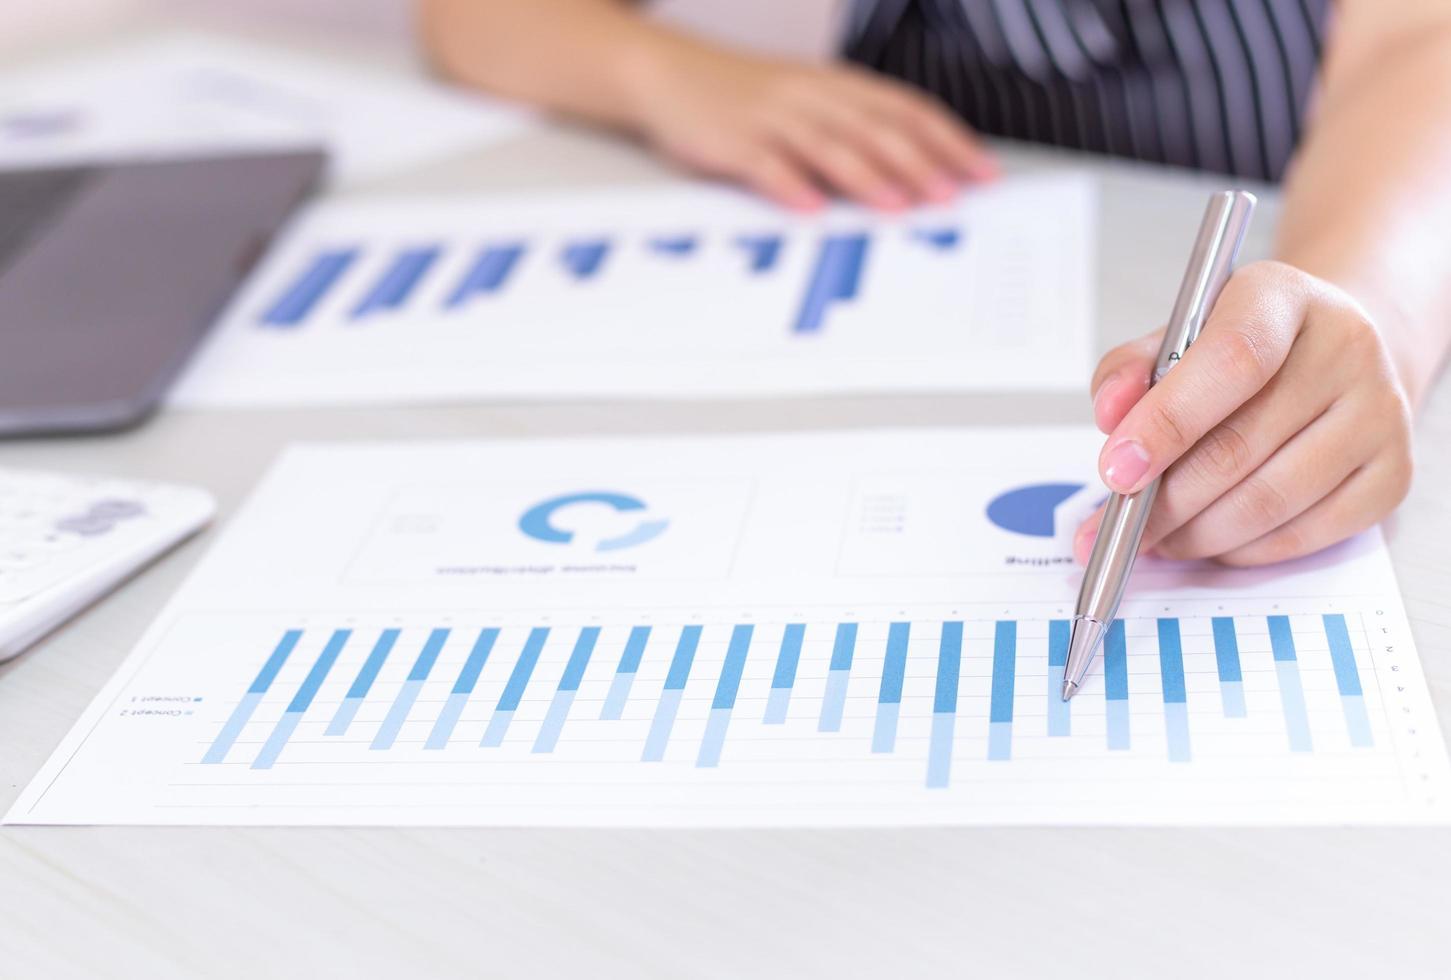 Finanzarbeiter analysiert Wachstumschart bei der Arbeit foto